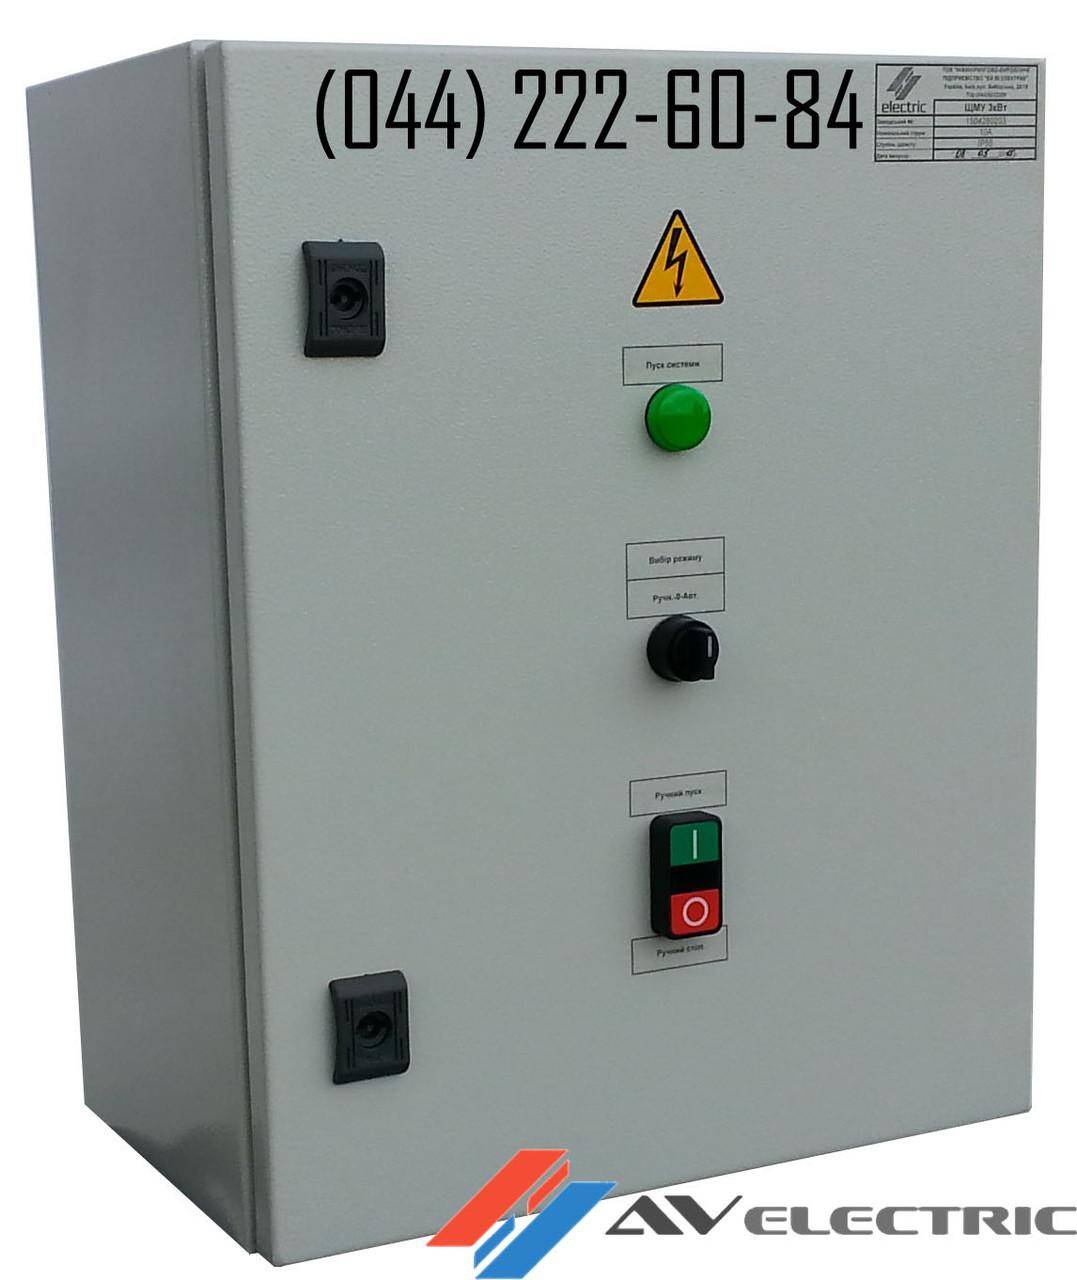 Ящик управления Я5110-3974 - КАП электро плюс в Киеве